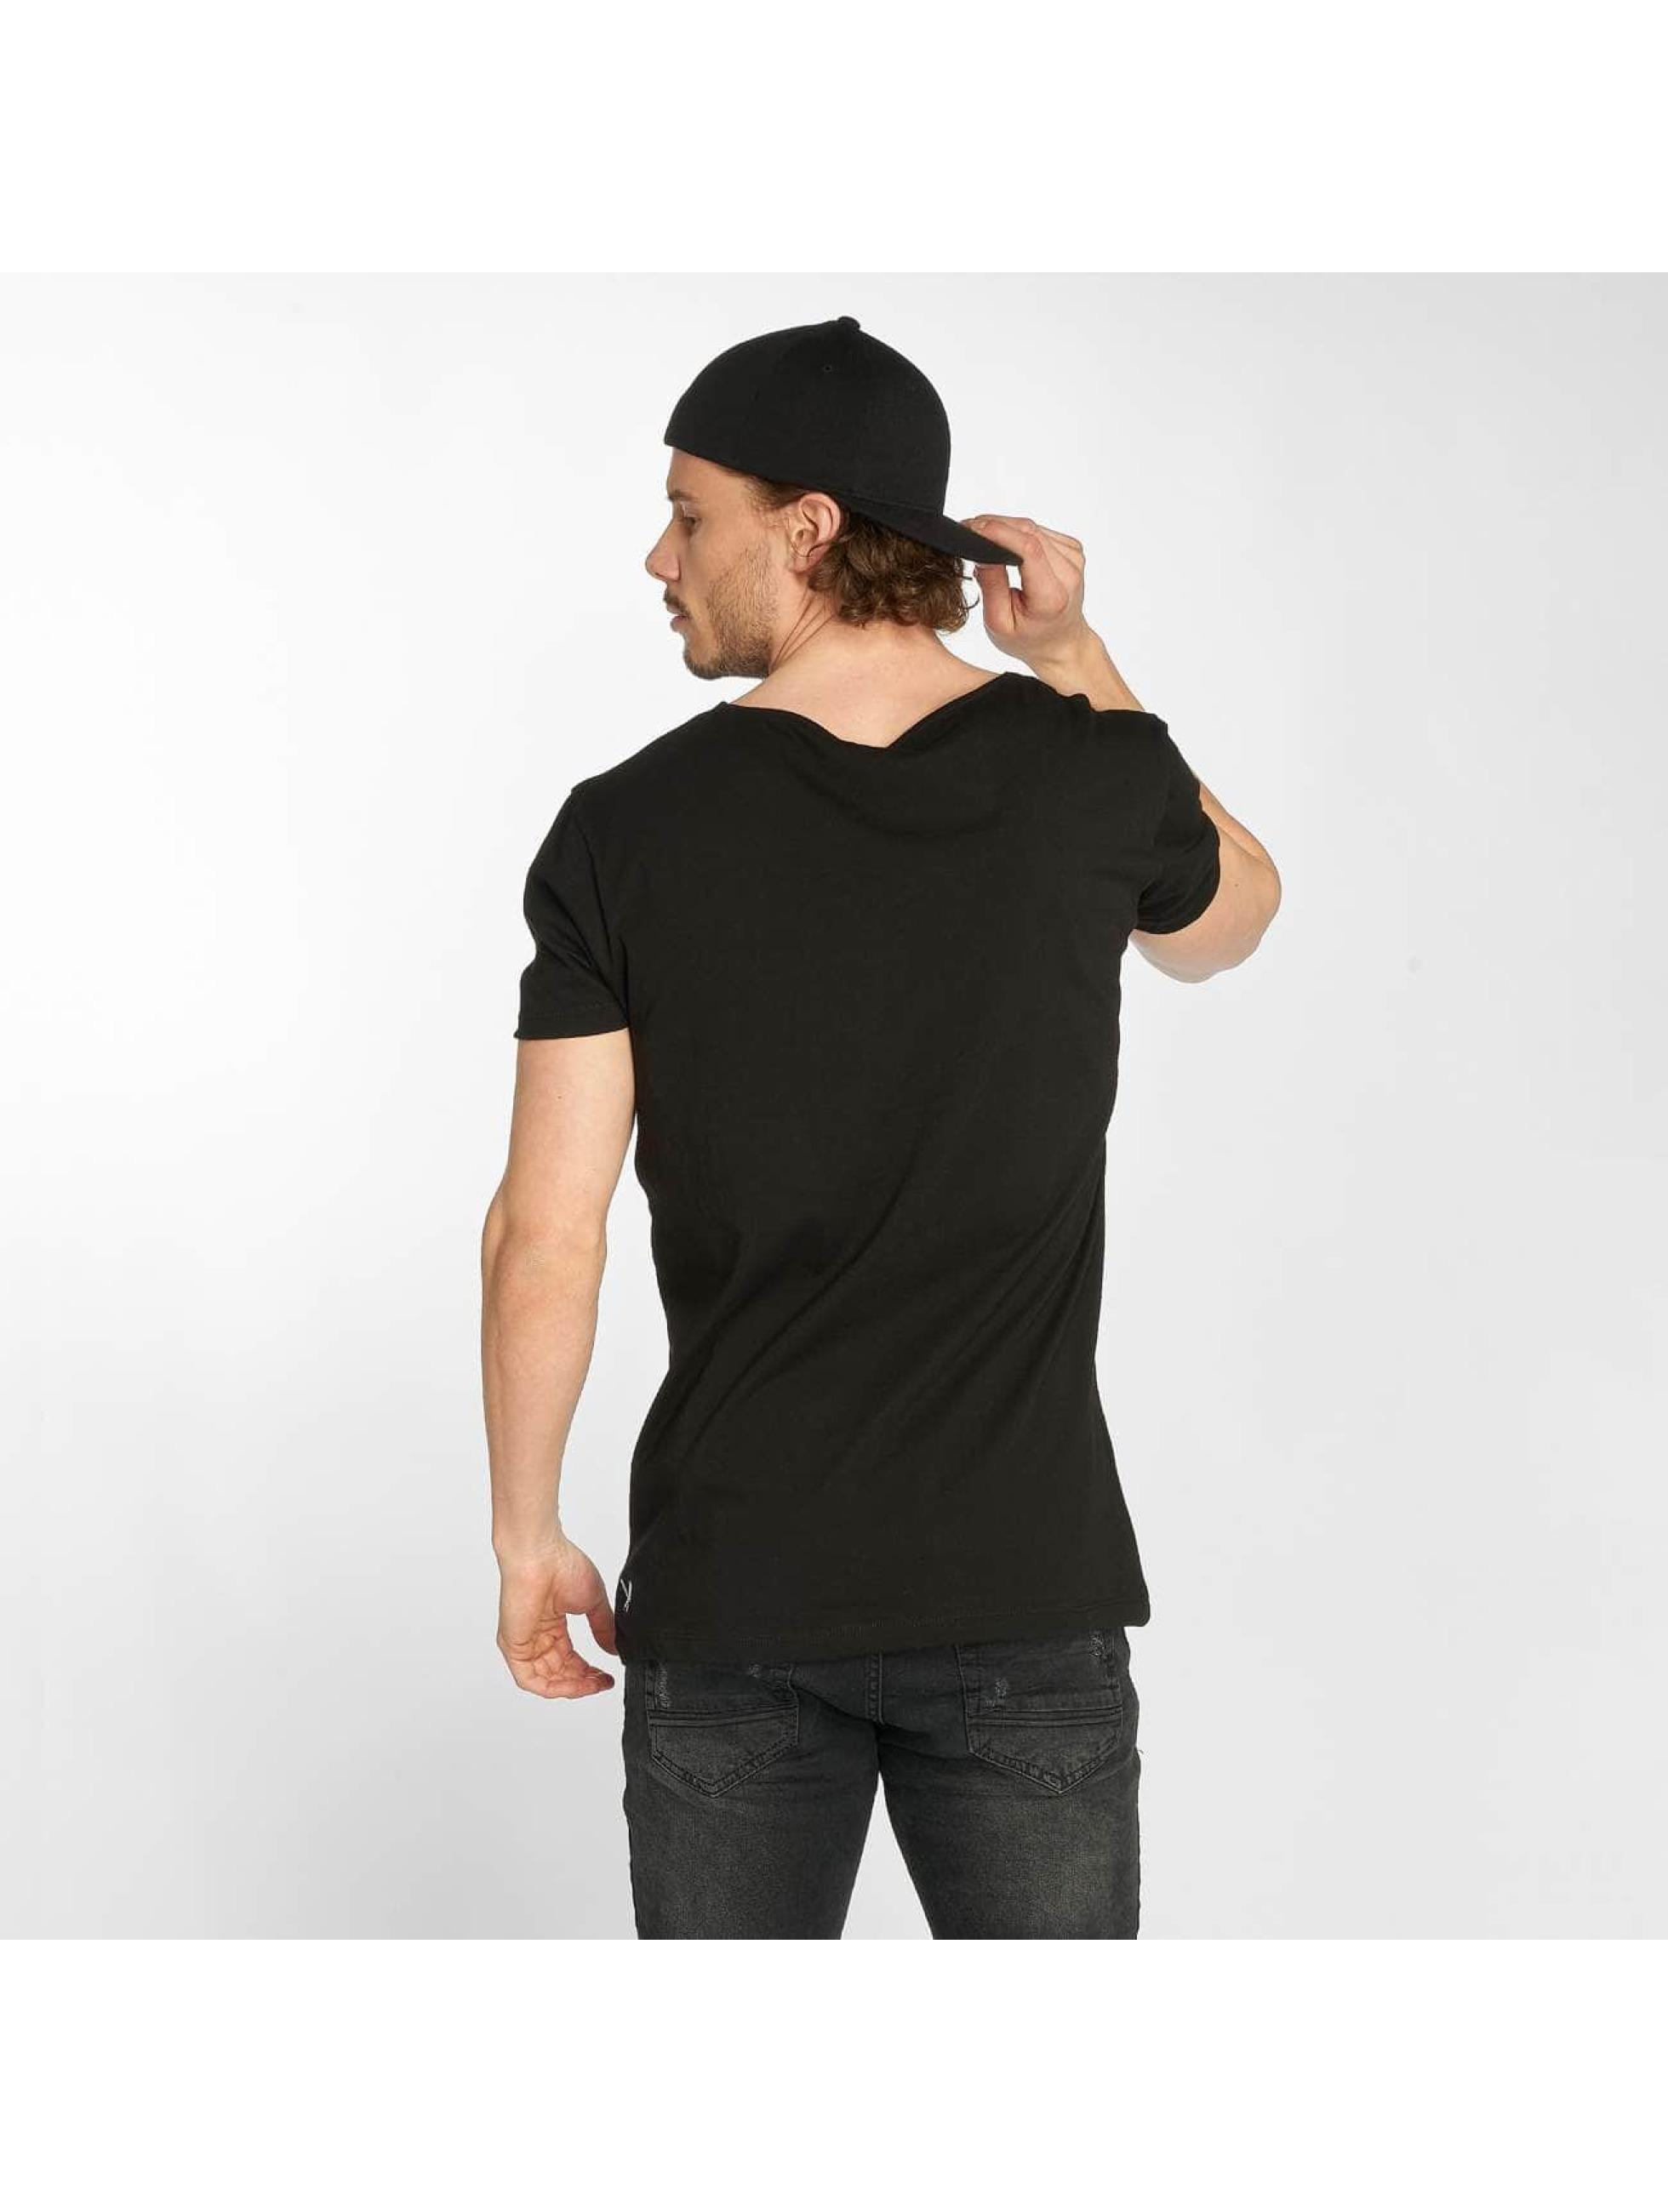 Distorted People Camiseta BB Blades Camo negro